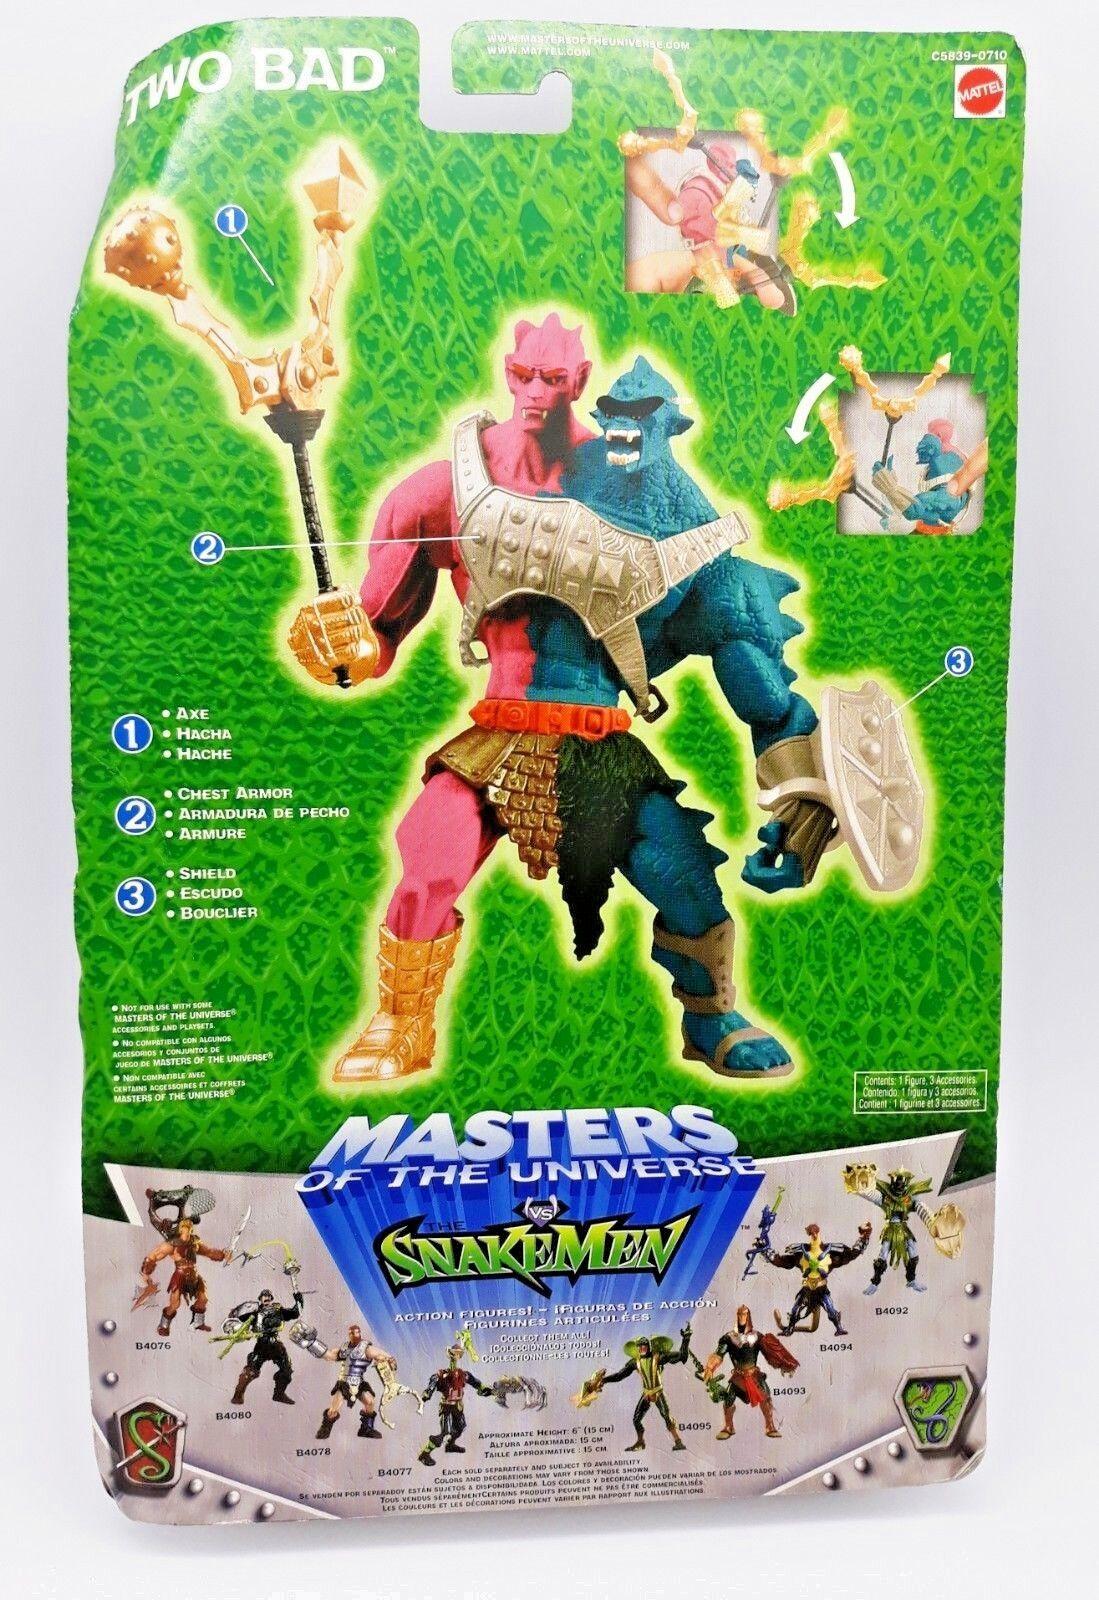 2003 Series Series Series Modern Motu He-Man Masters of the Universe vs Snakemen Two Bad 7ea215